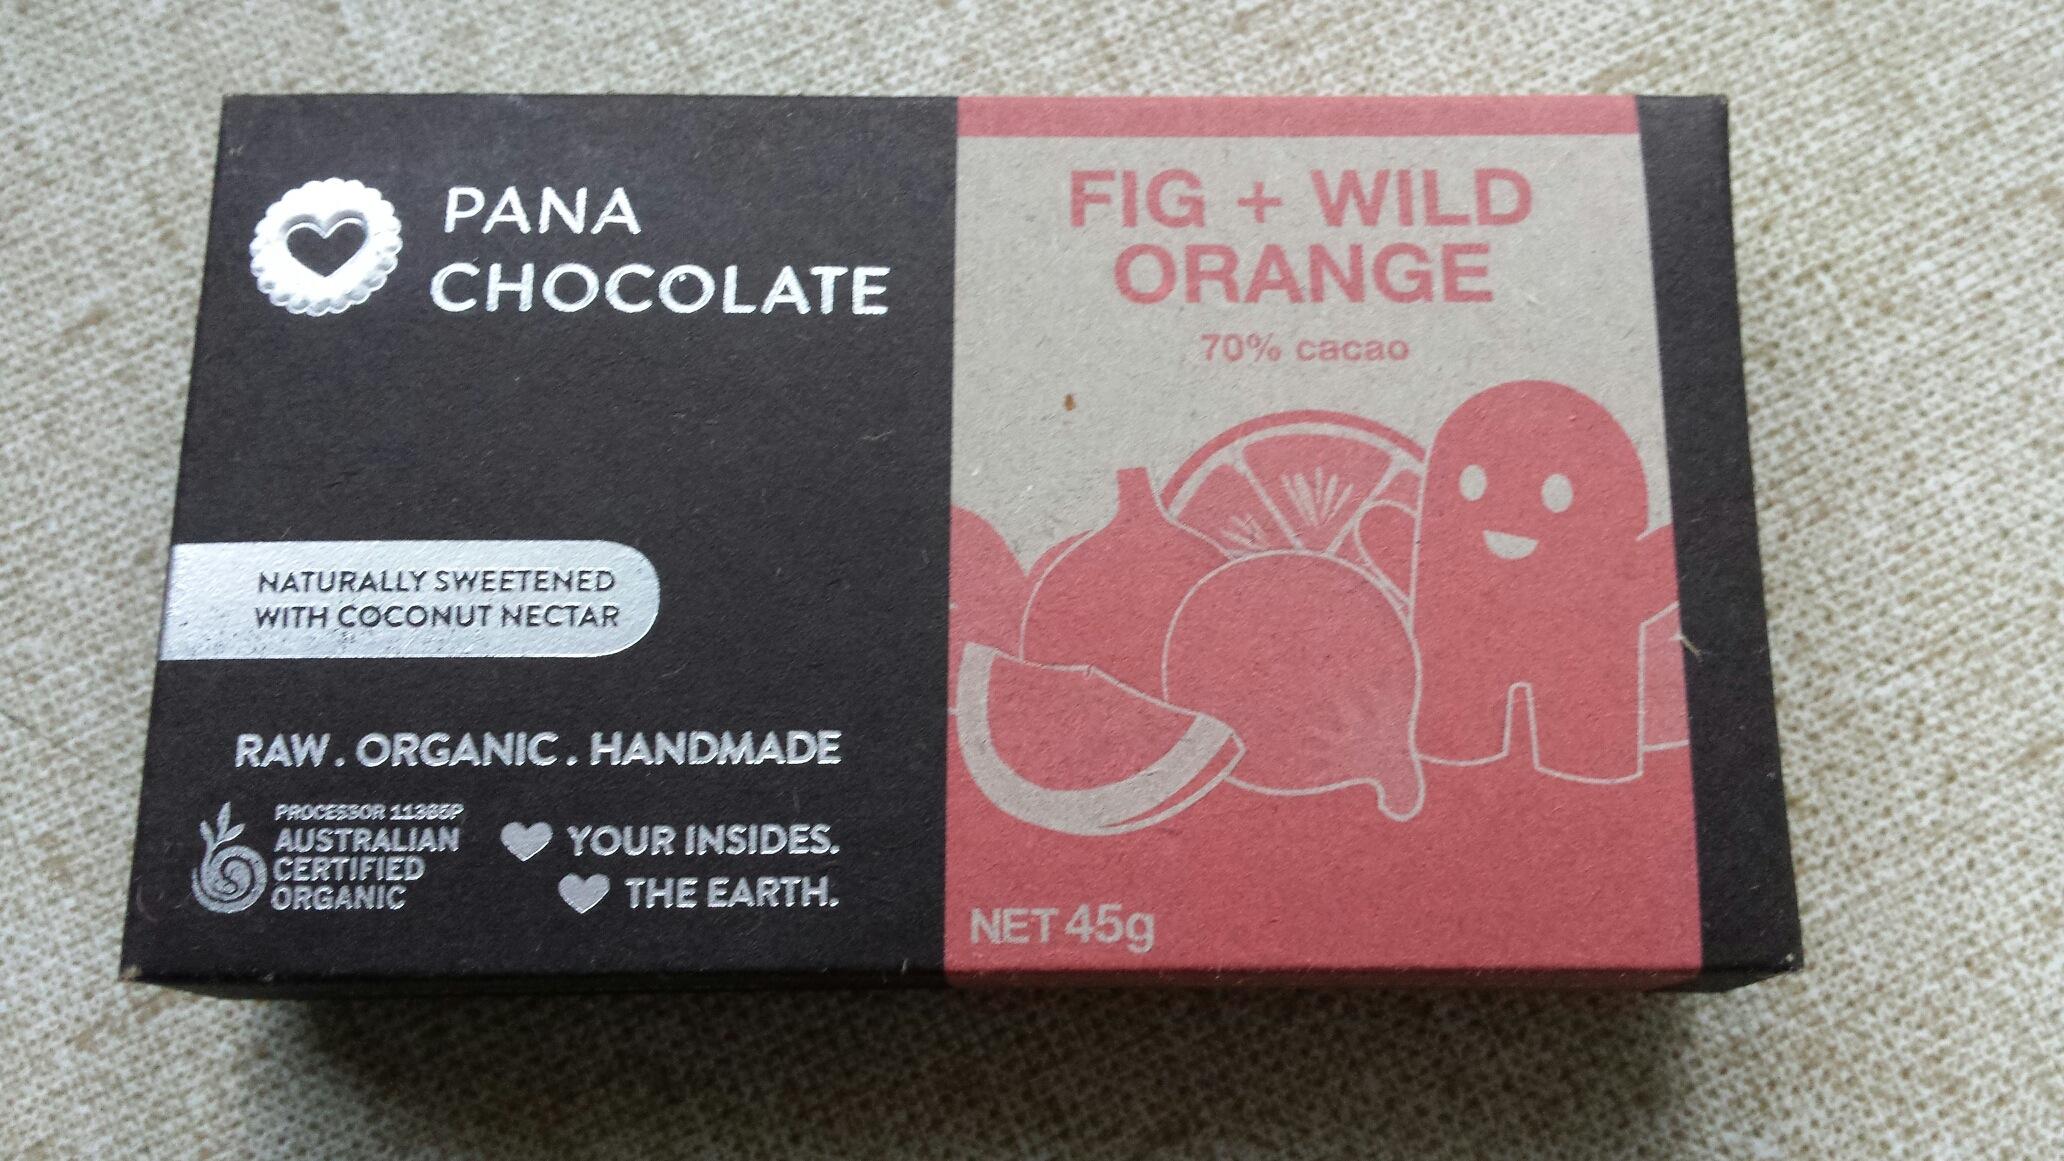 pana chocolate - raw vegan chocolate in Australia